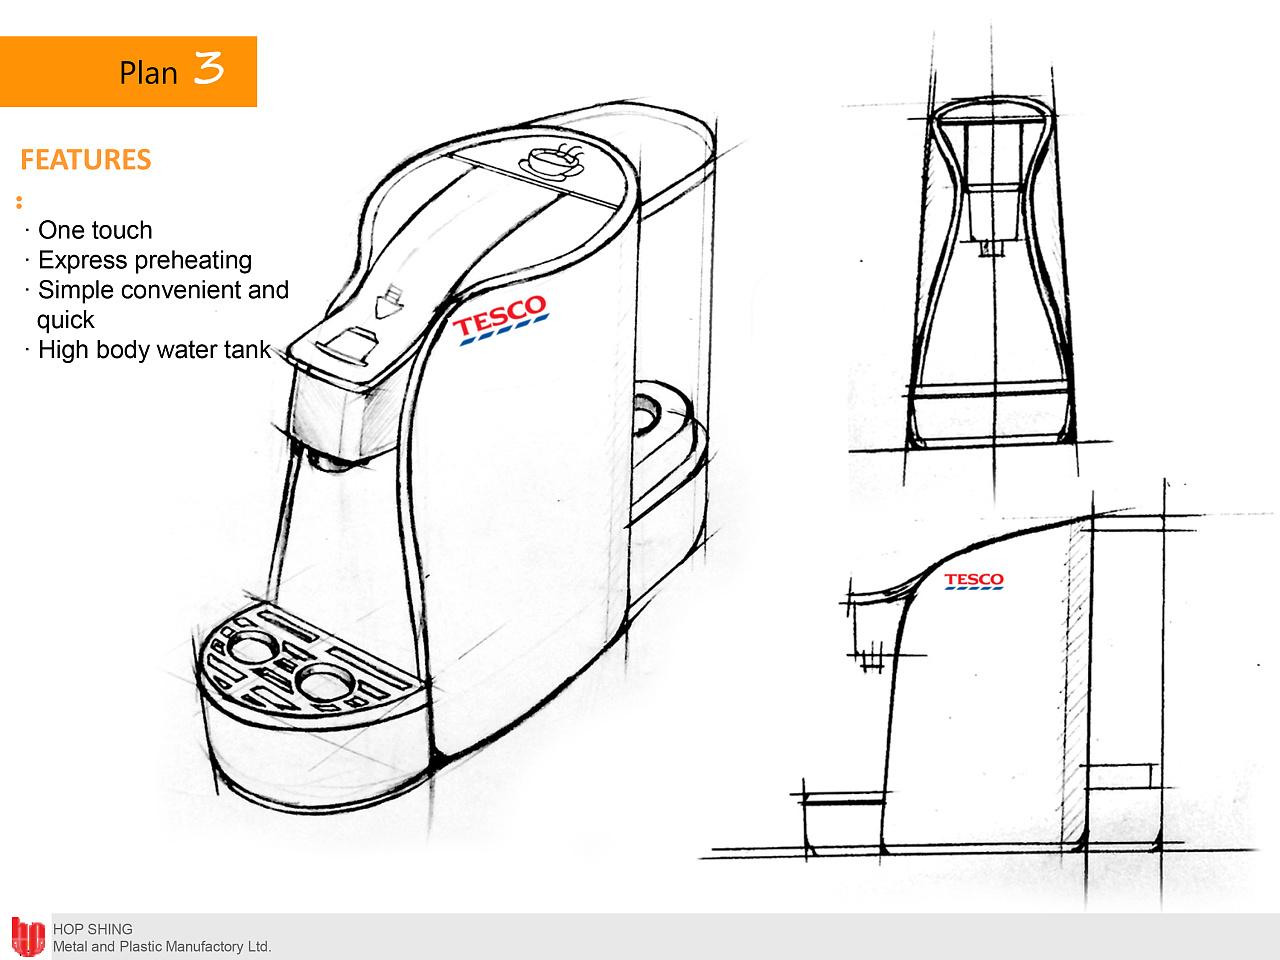 胶囊咖啡机创意手绘